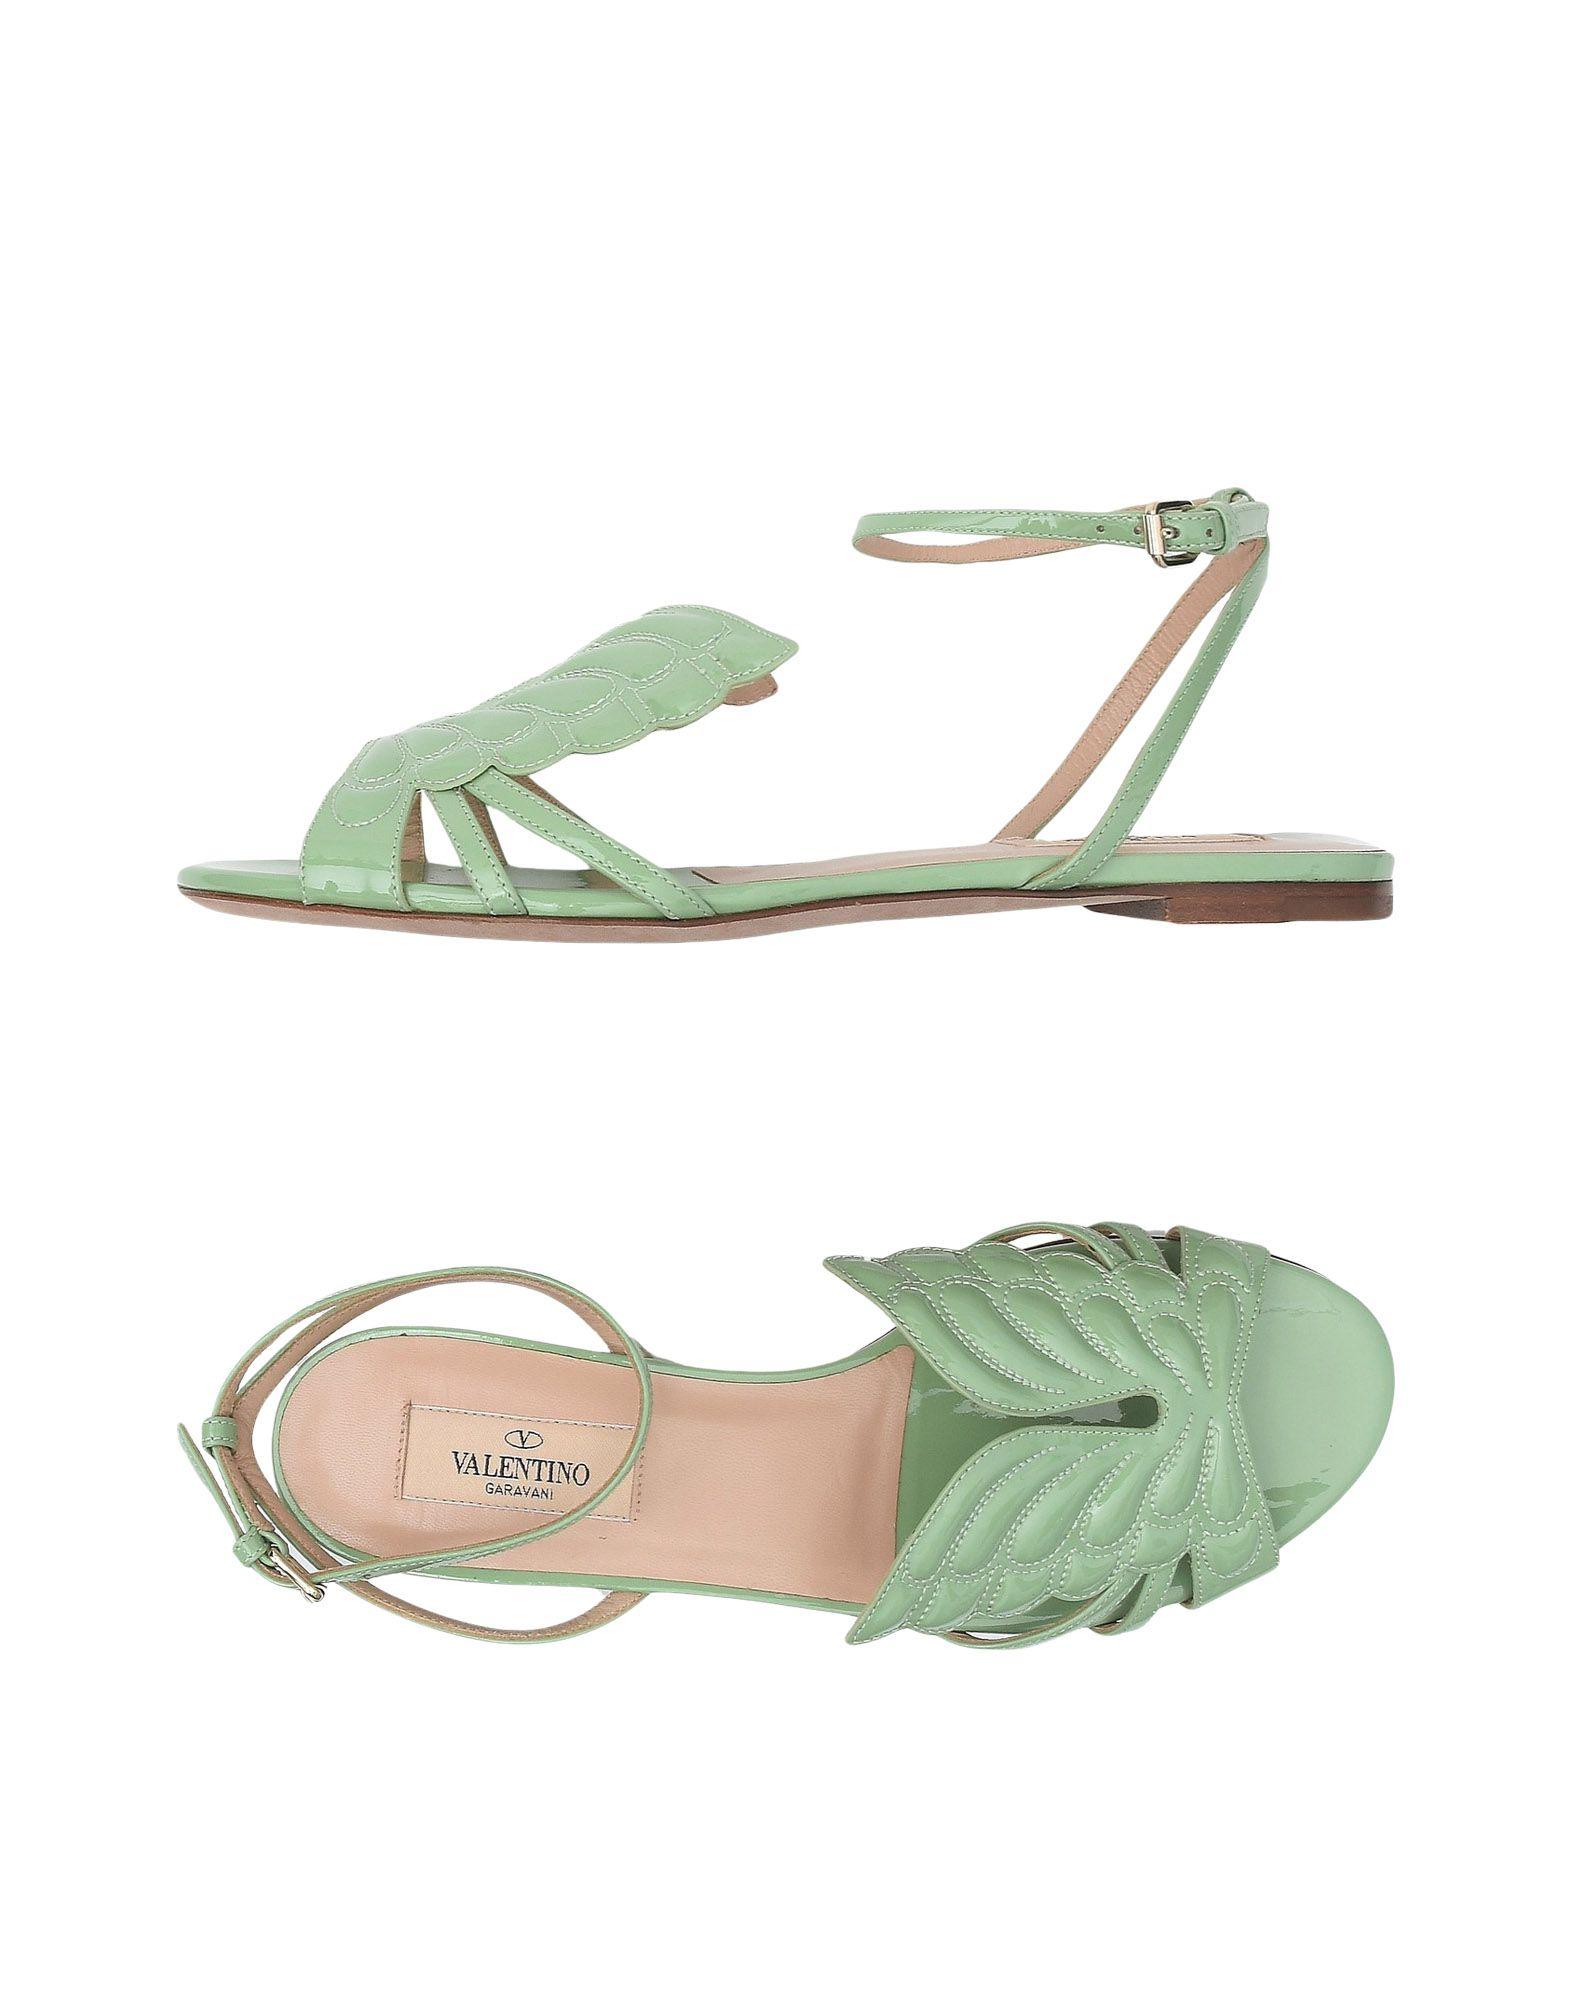 Valentino Garavani Sandalen Damen  11447968BEGünstige gut aussehende Schuhe